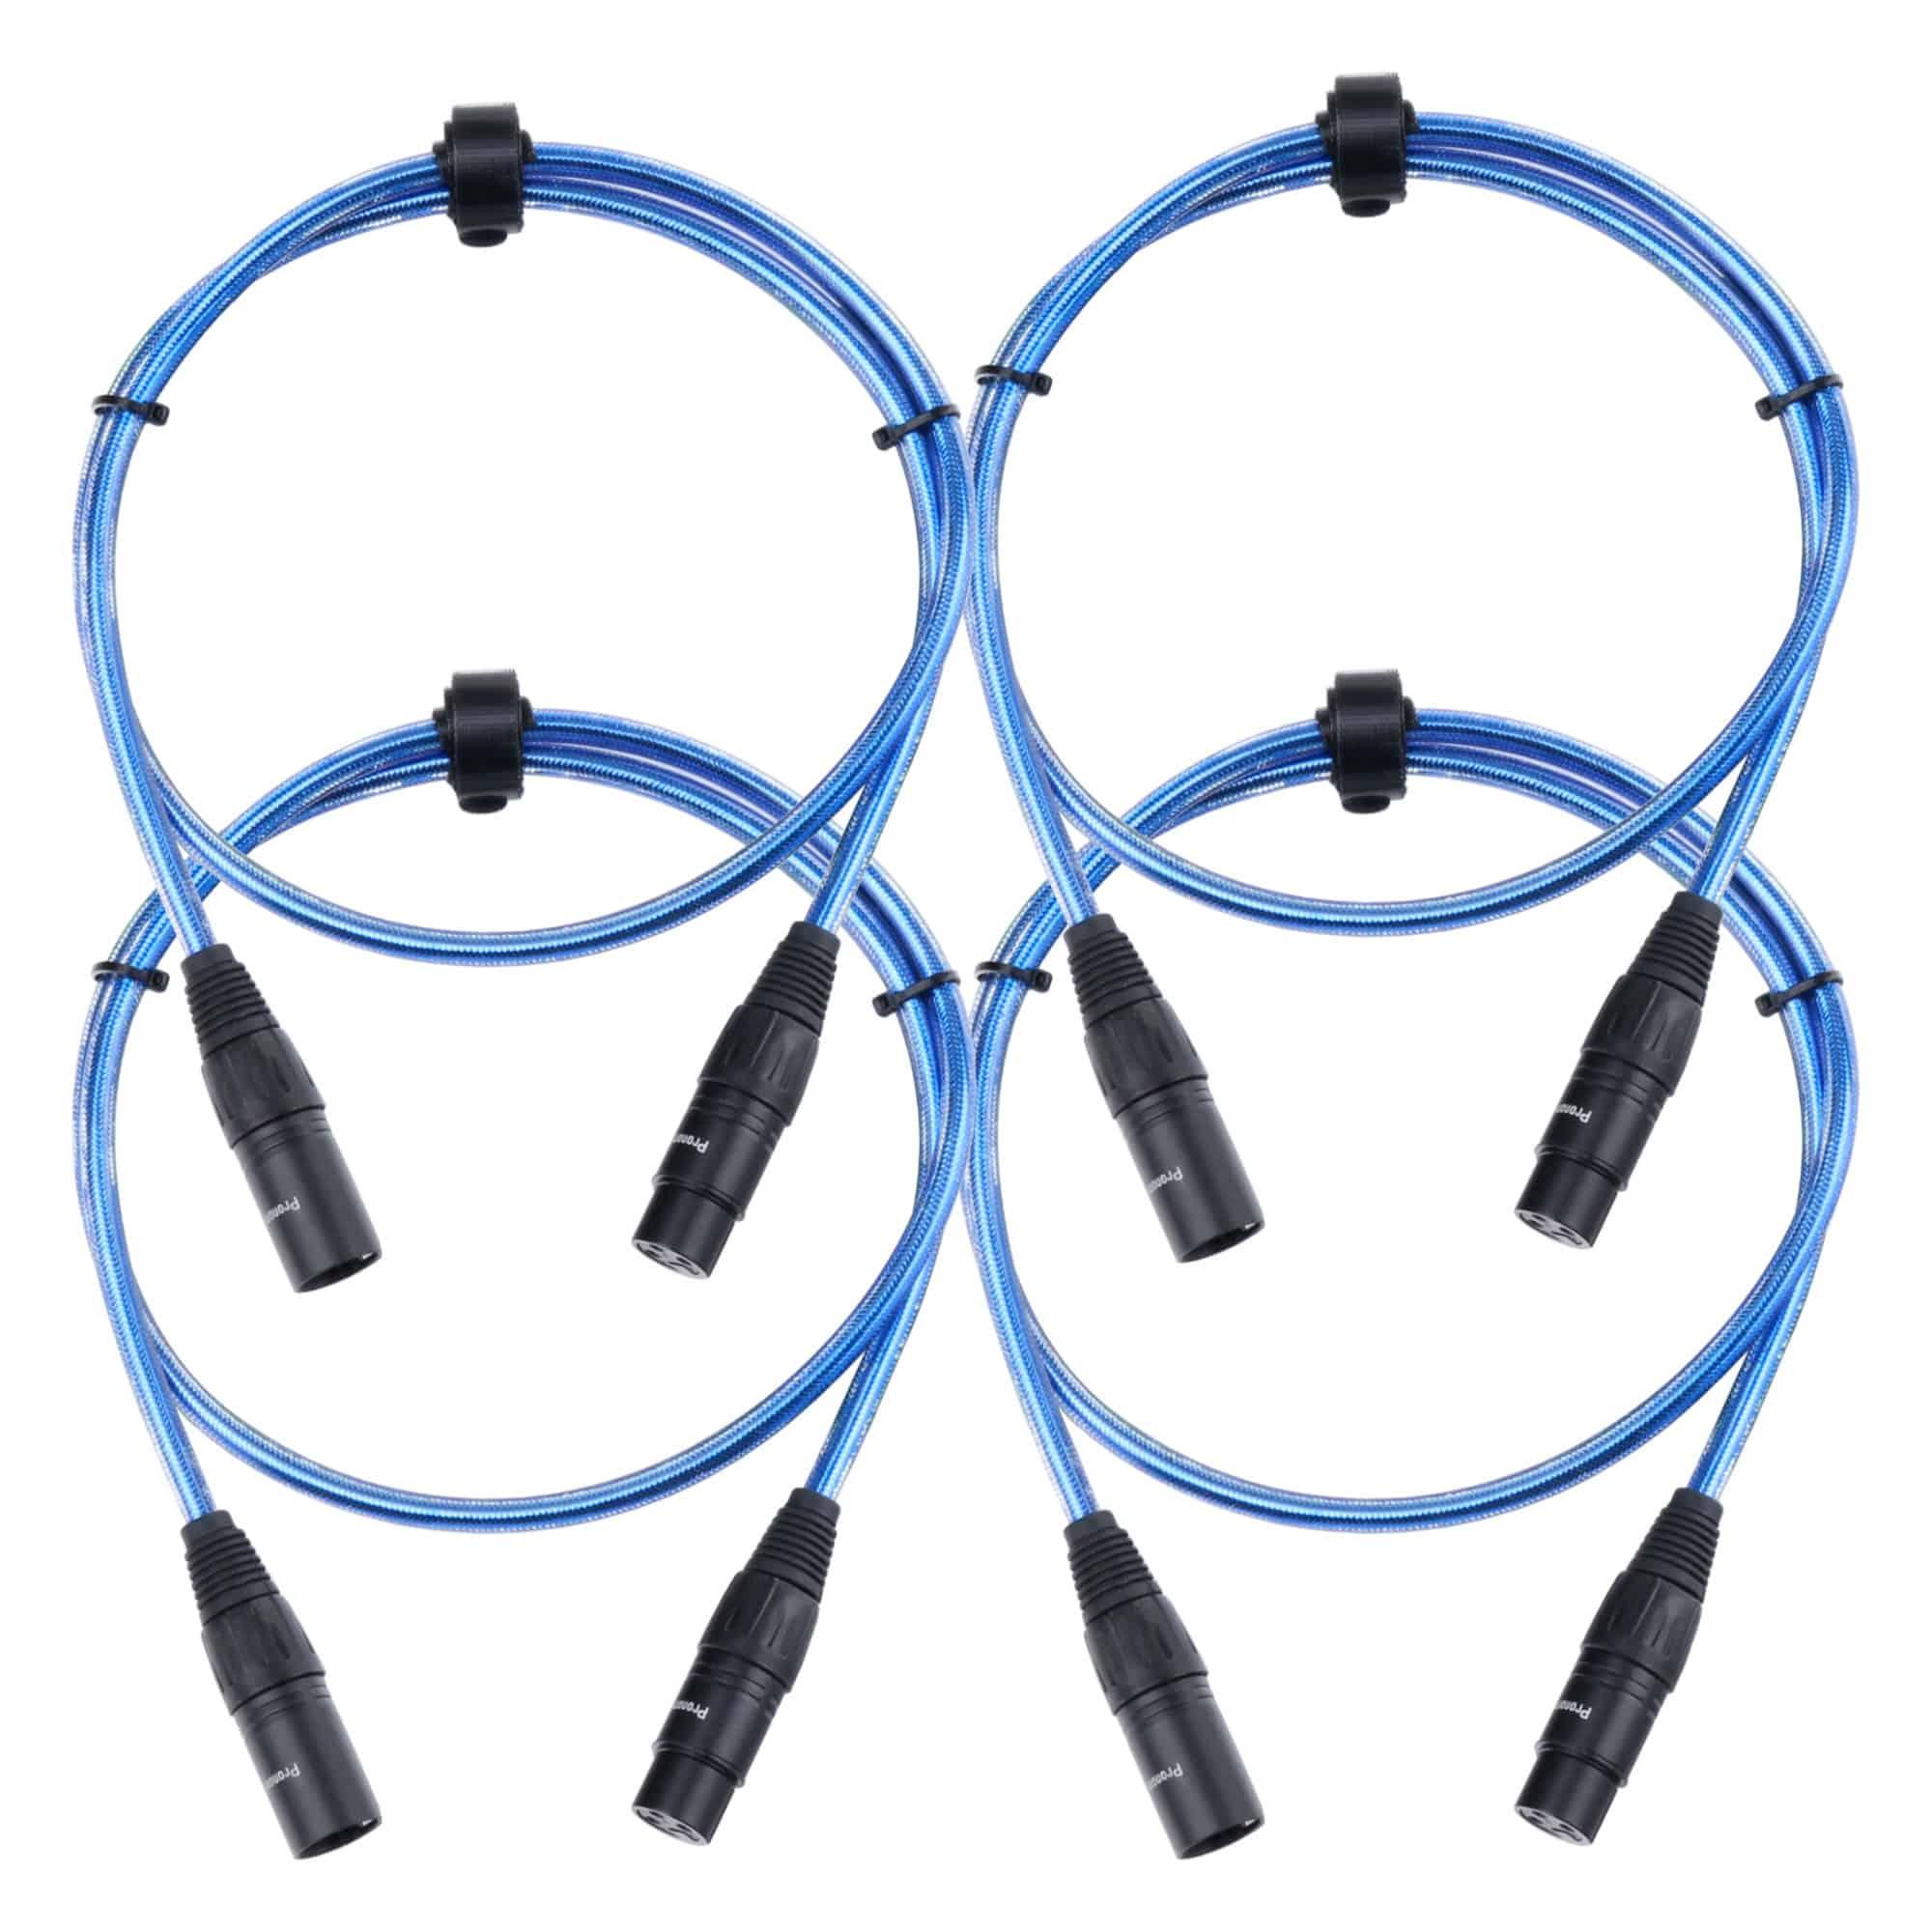 4er Set Pronomic Stage XFXM Blue 1 Mikrofonkabel XLR 1 m Metallic Blue